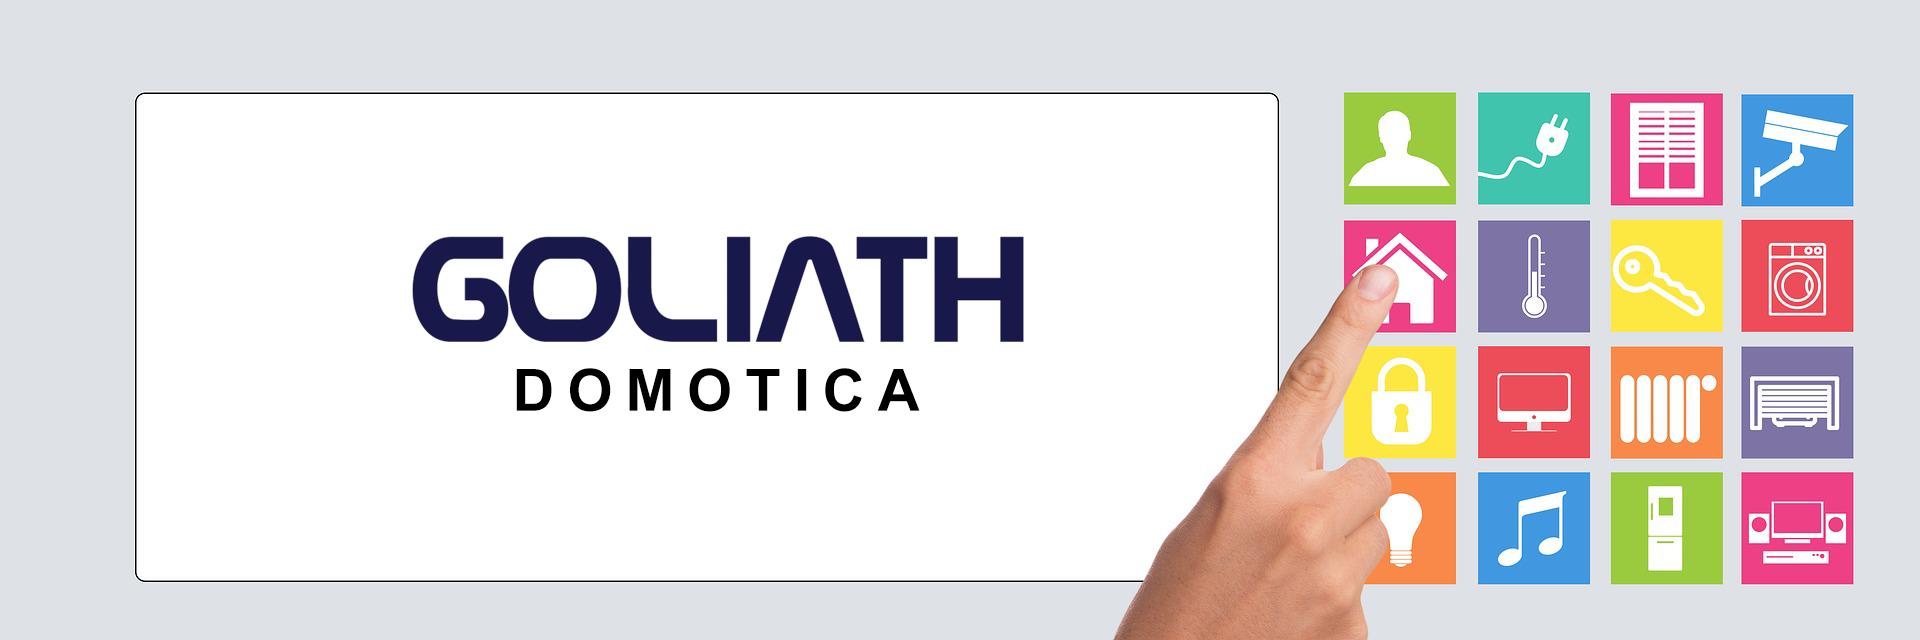 GOLIATH DOMOTICA